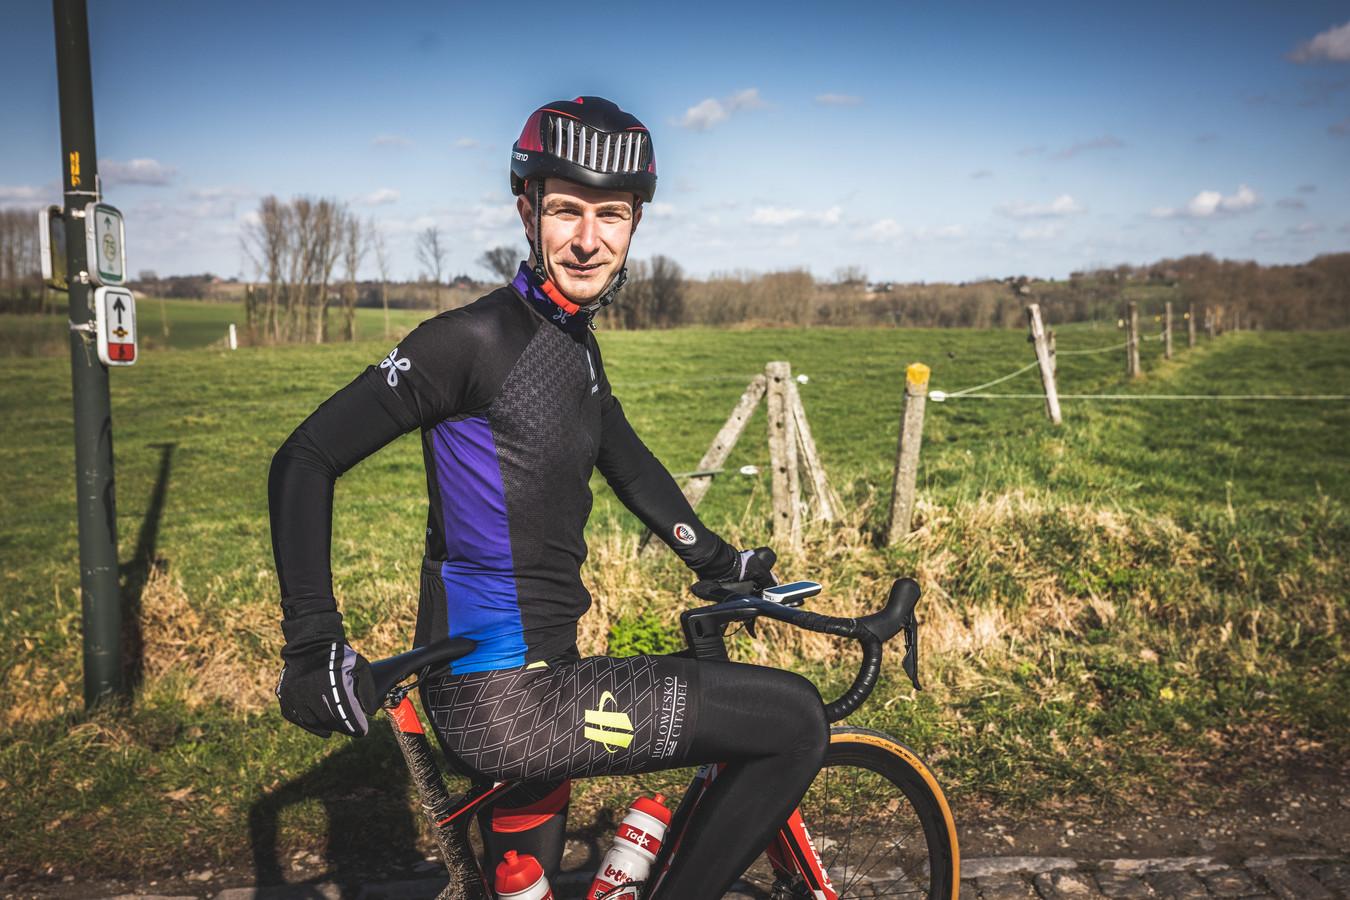 """Thomas Van Gijseghem (29) komt uit Zottegem en speurt onderweg naar weggegooide bidons en andere wielerprullaria. Maar het valt 'm ook op dat er wel héél veel gefietst wordt tegenwoordig: """"Vrouwen die alleen fietsen, dat zag je vroeger nooit."""""""